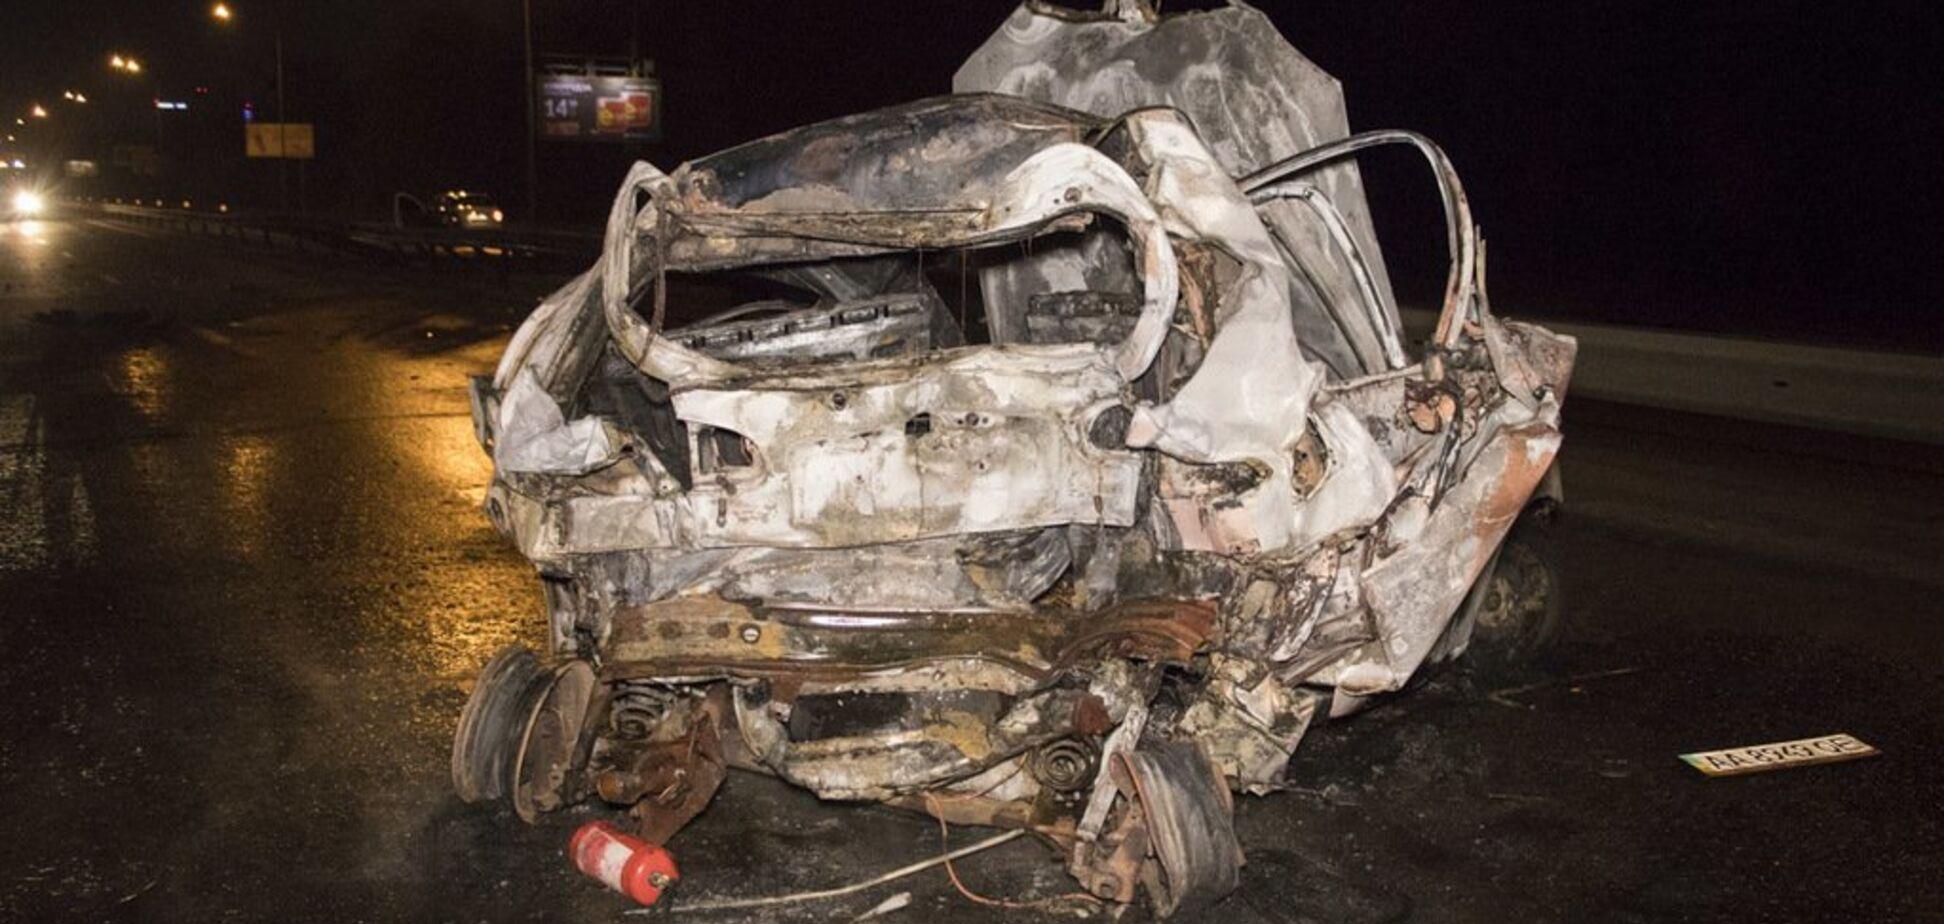 Авто в клочья: в Киеве после ДТП живьем сгорела пассажирка такси